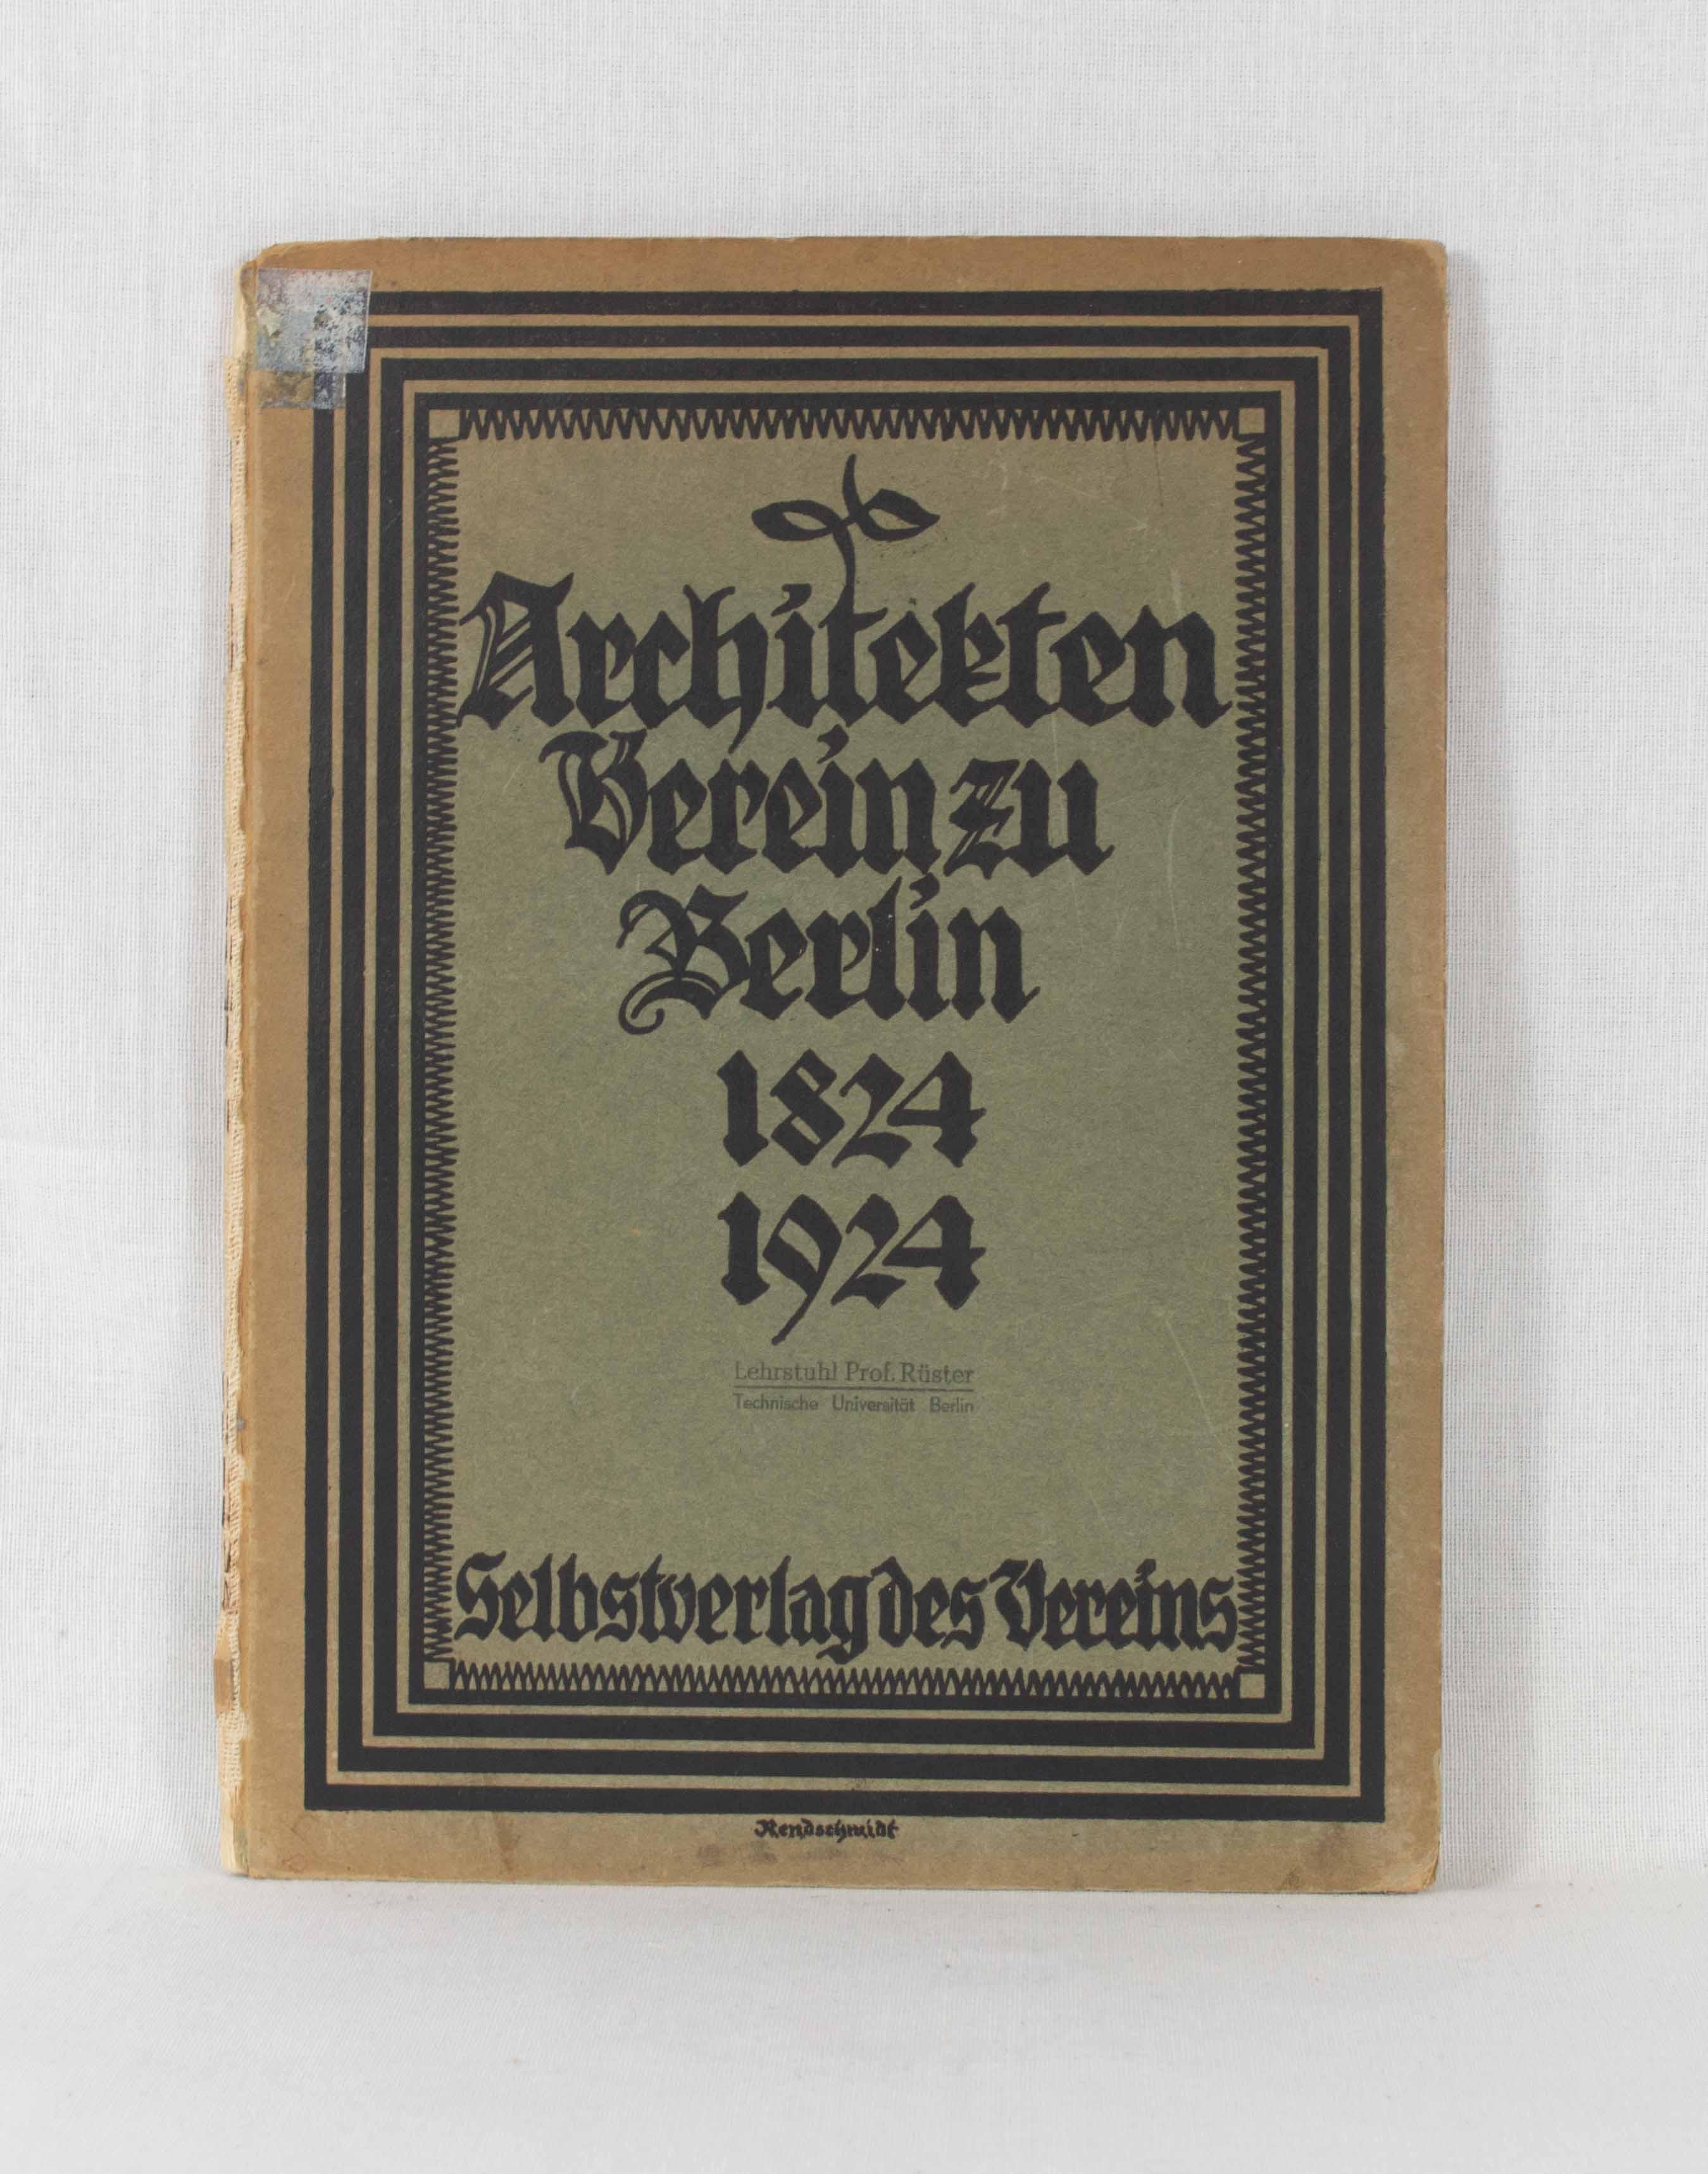 Hundert Jahre Architekten-Verein zu Berlin, 1824-1924.